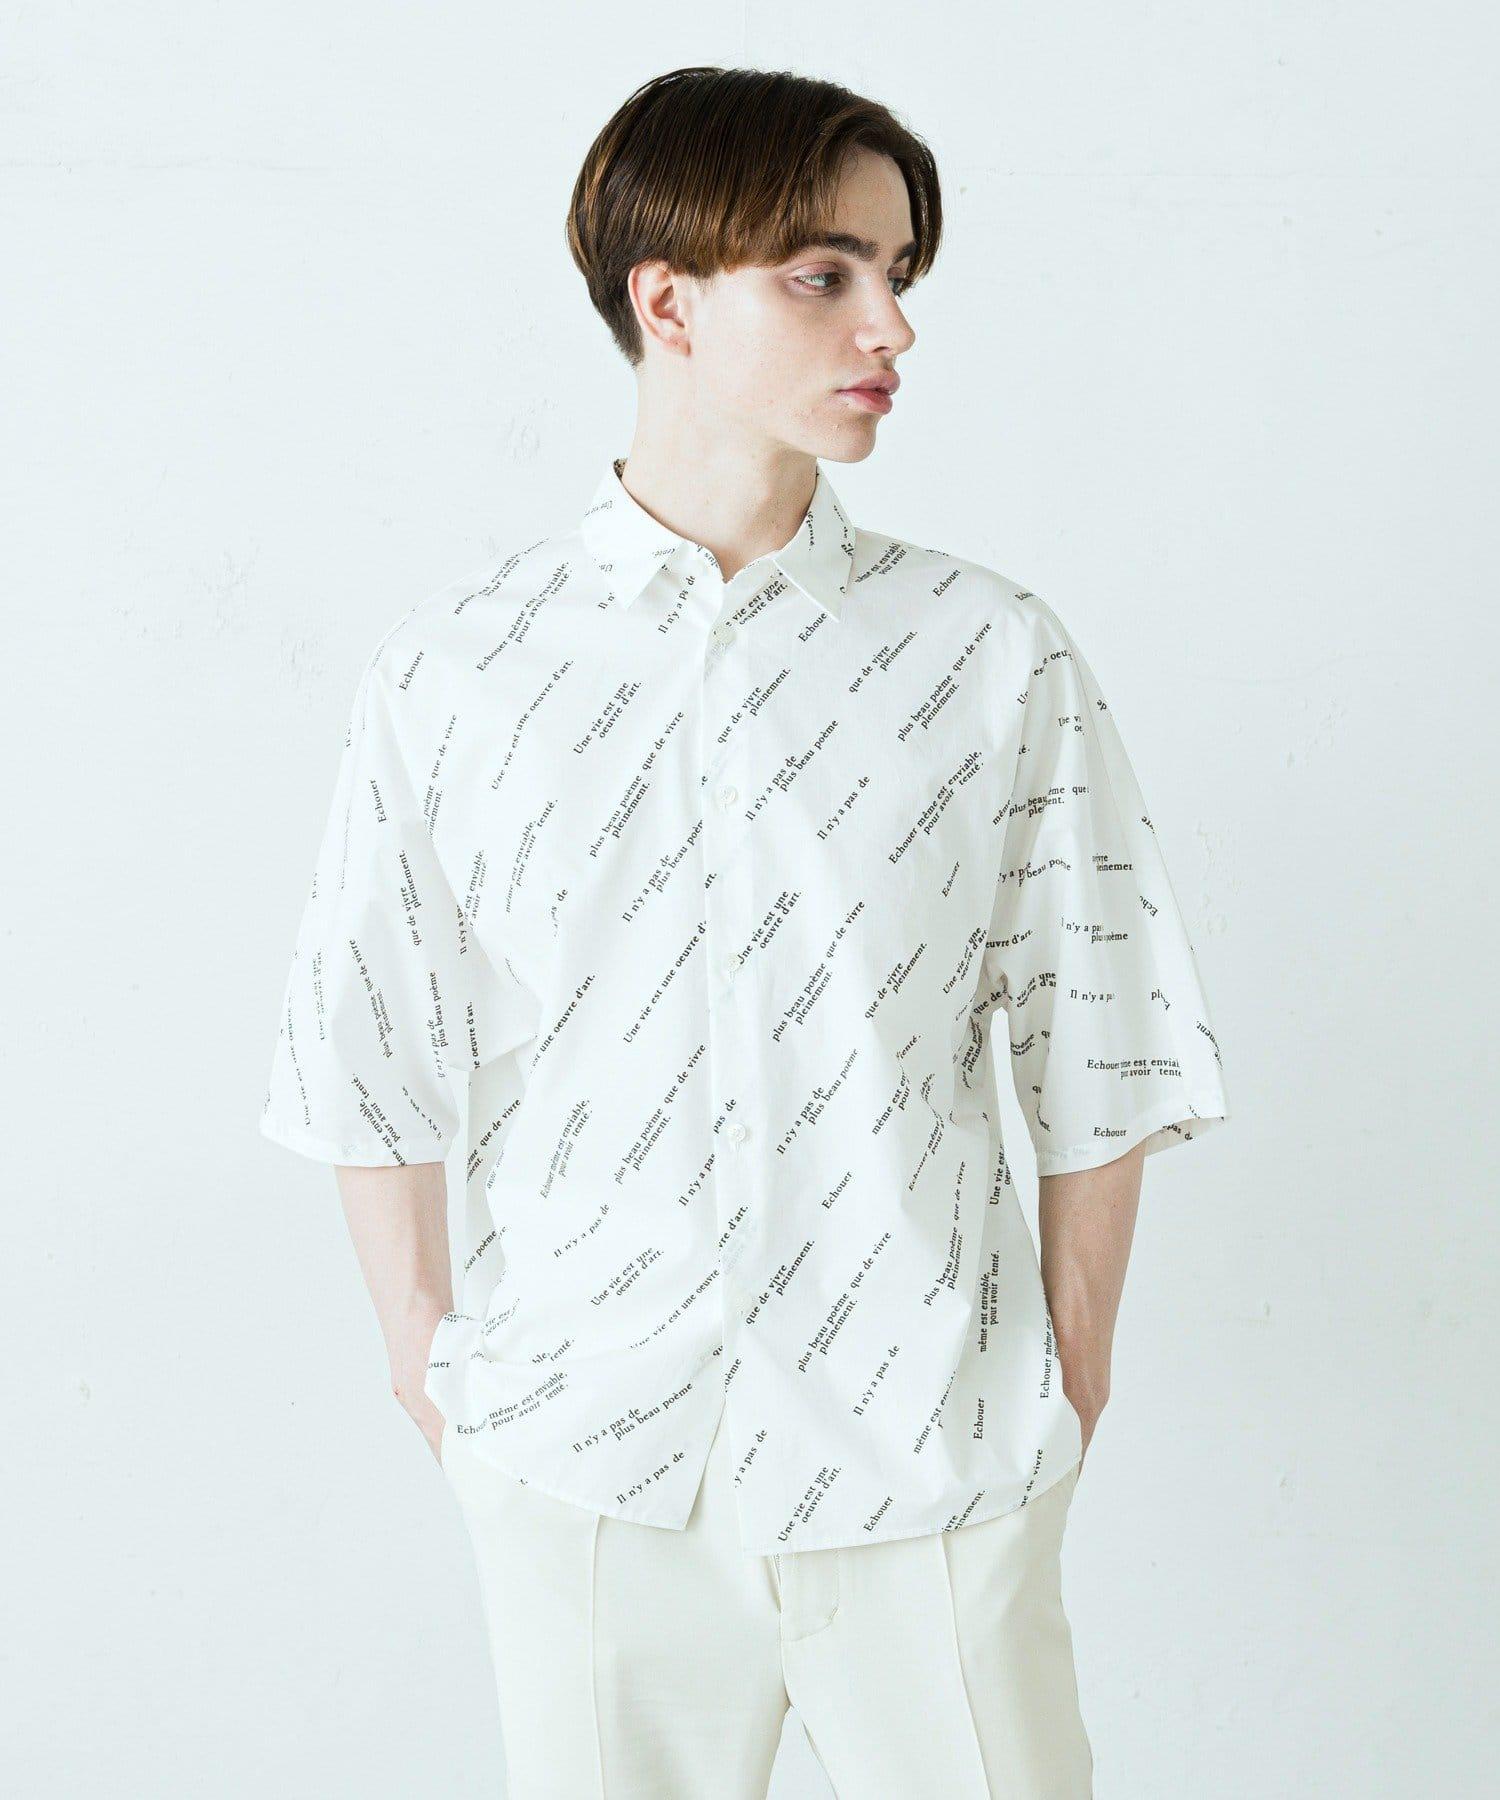 Lui's(ルイス) メンズ ジョルジュメッセージドルマンシャツ ホワイト